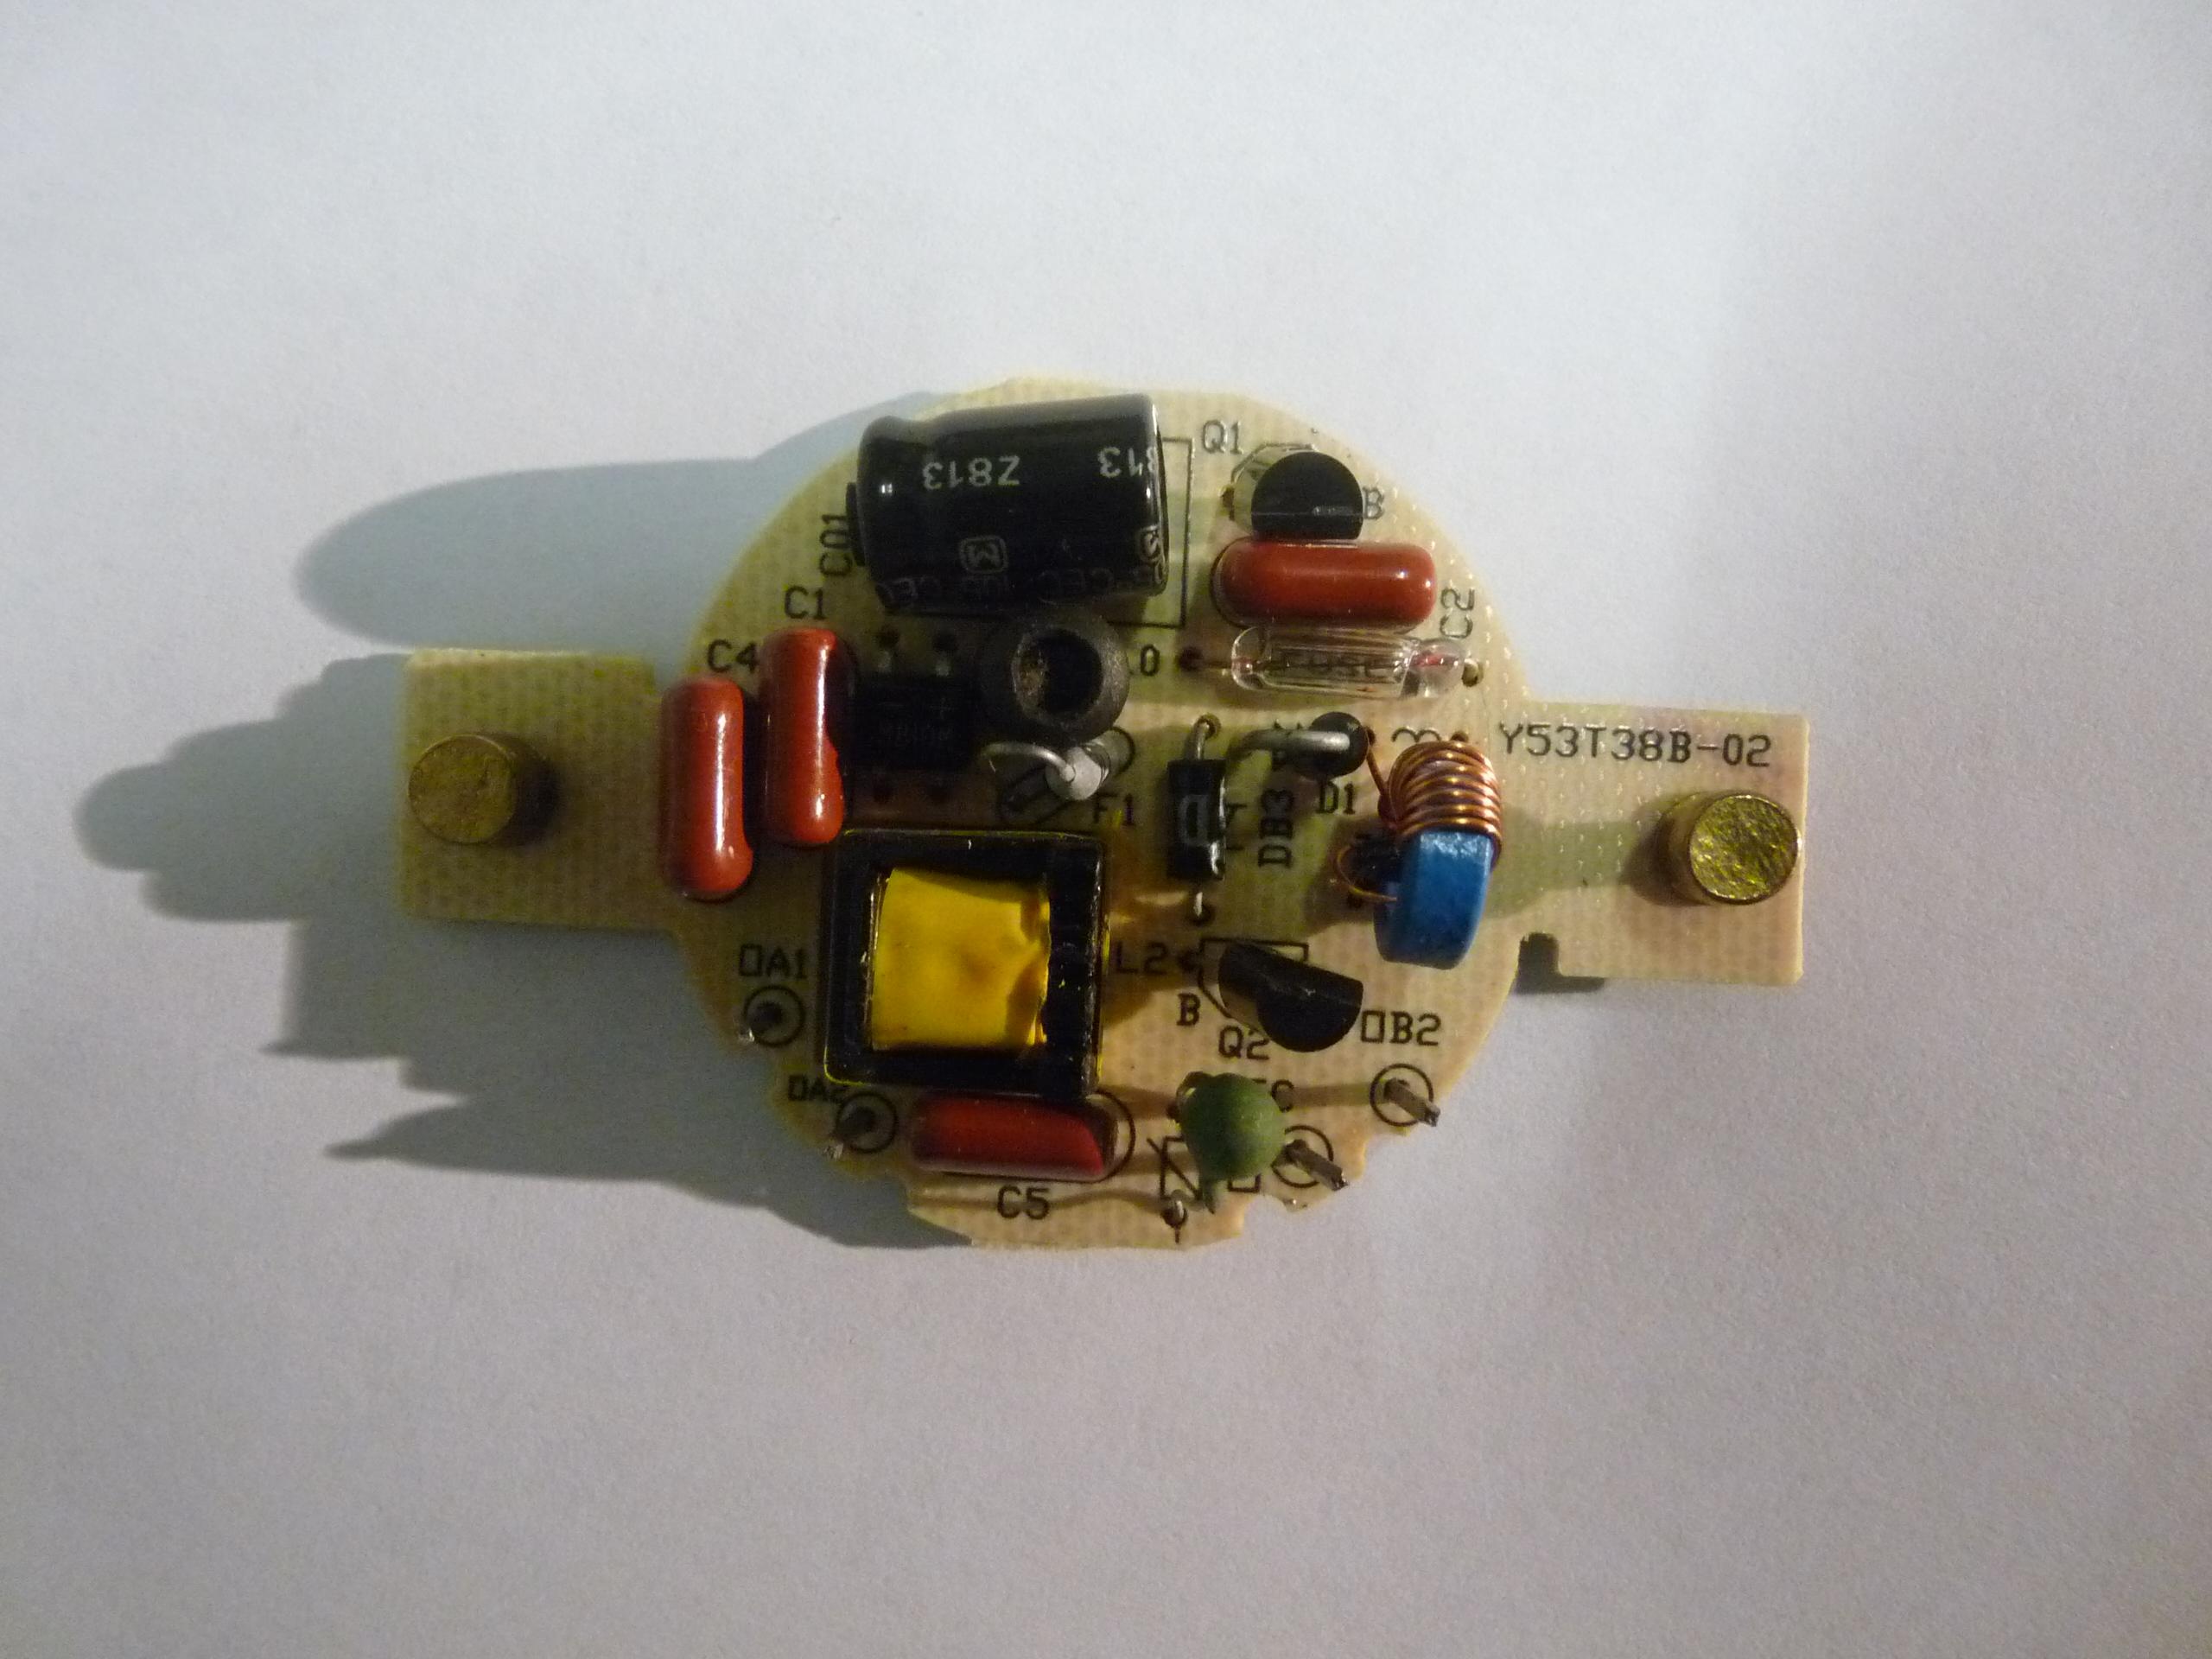 Filelight Source Fluorescence Cfl Elbal G53 Electronic Ballast 14 Watt Compact Fluorescent